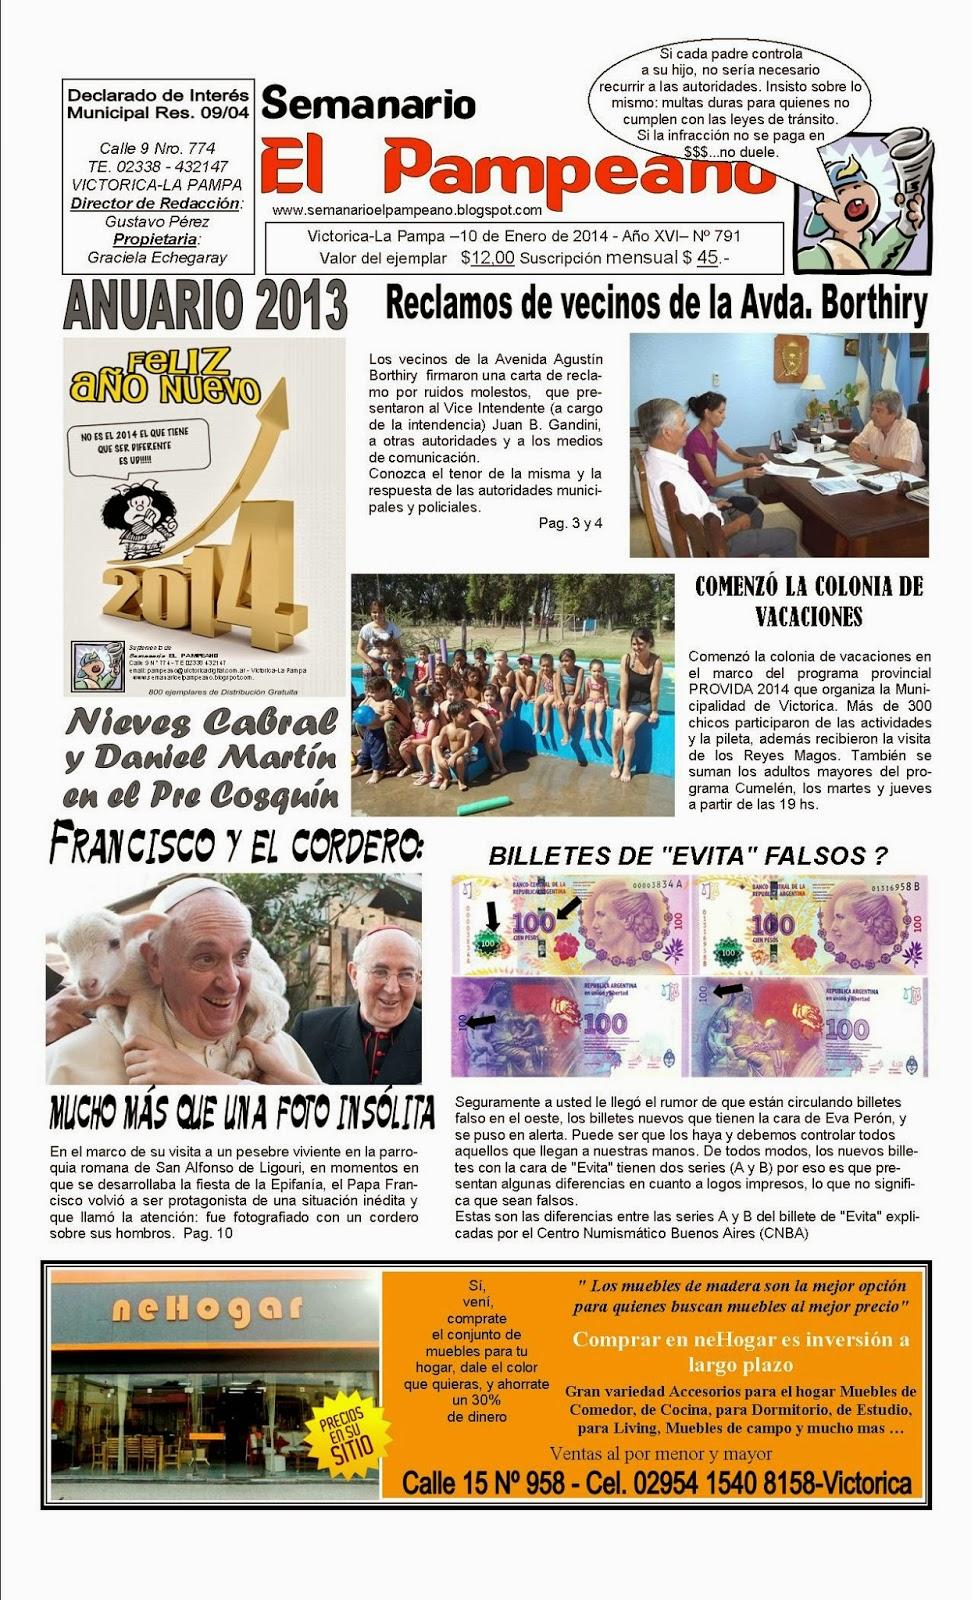 Semanario El Pampeano Mi Rcoles 15 De Enero De 2014 # Muebles Cumelen